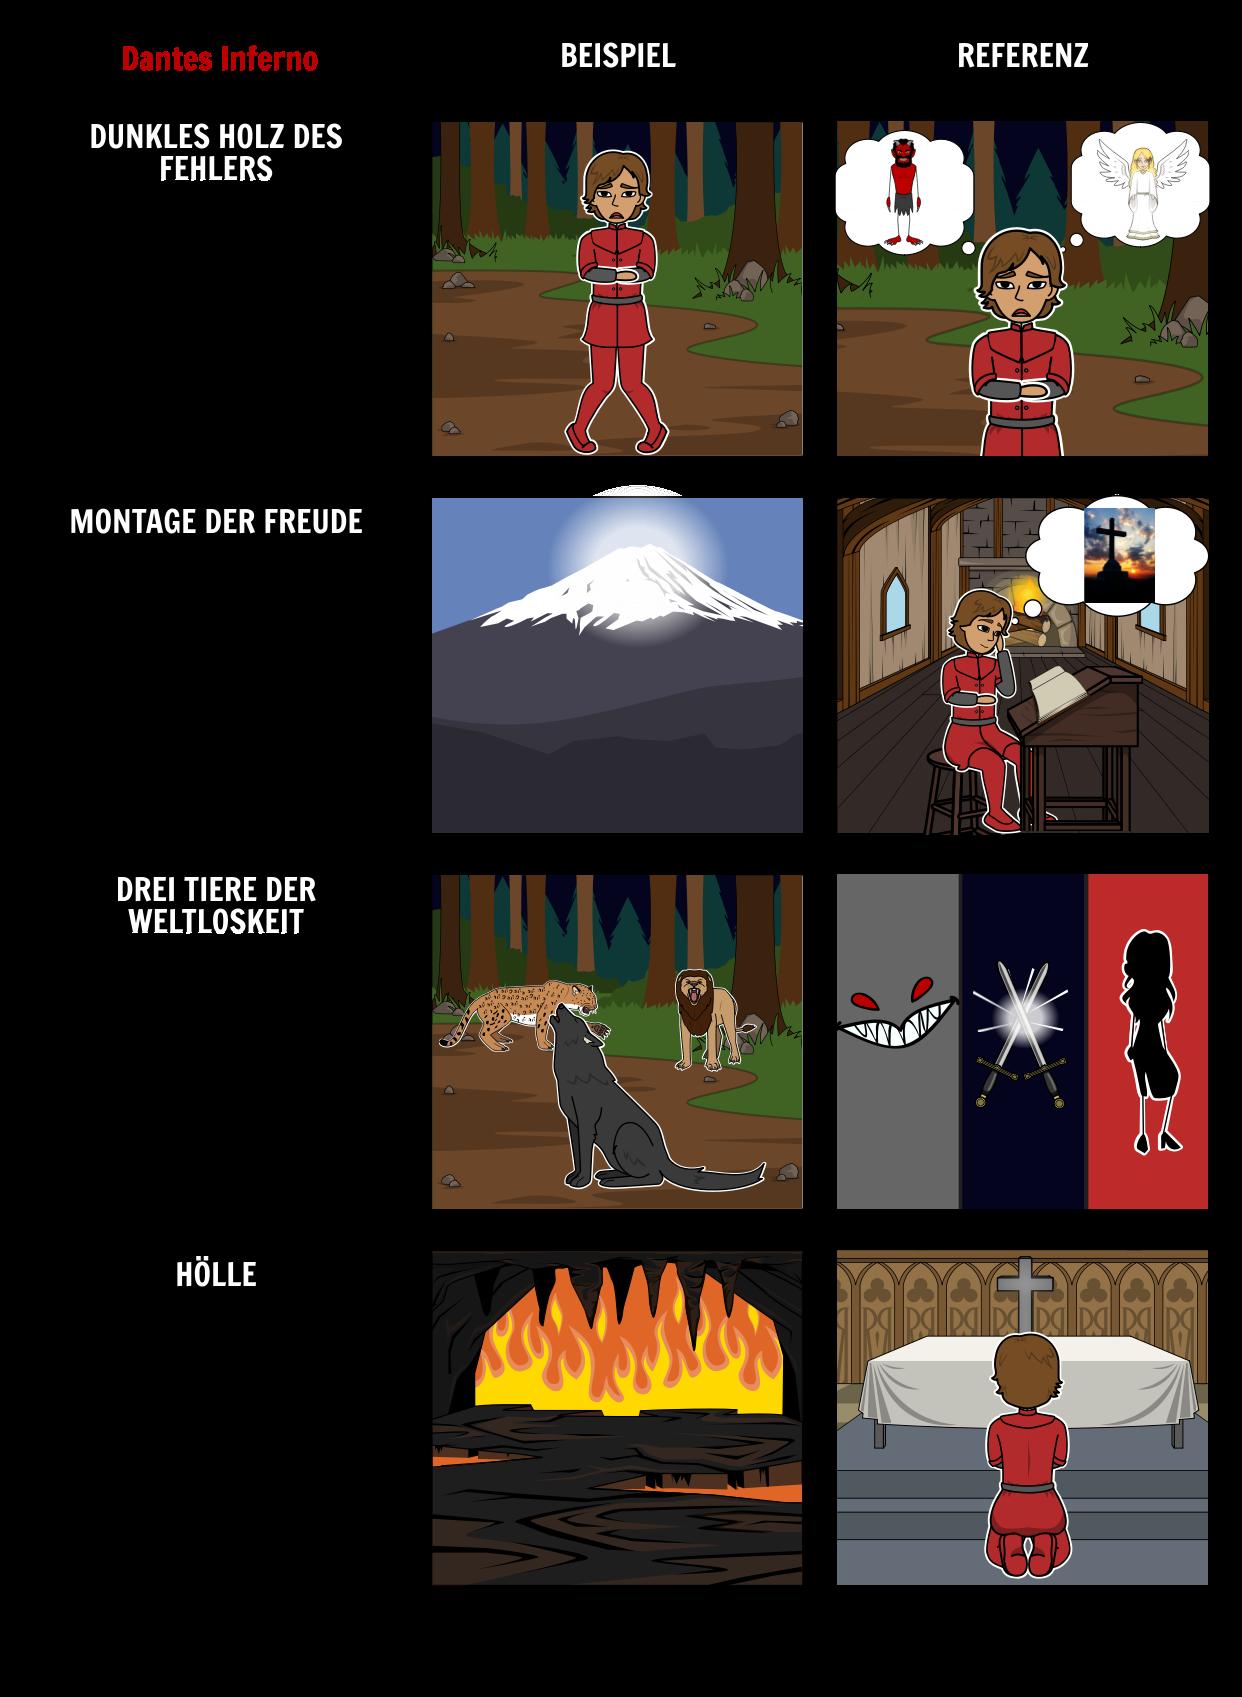 Dante's Inferno - Allegorie Erkennen